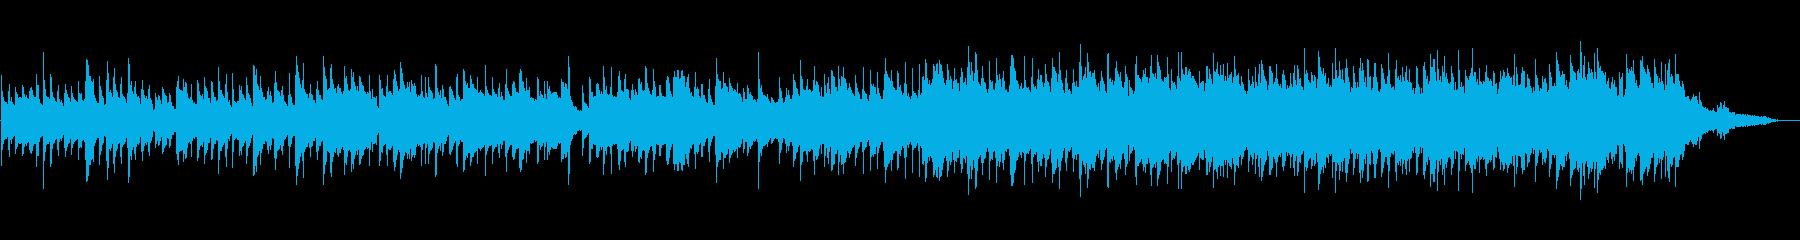 ふんわりとした安らぎのアコースティック曲の再生済みの波形